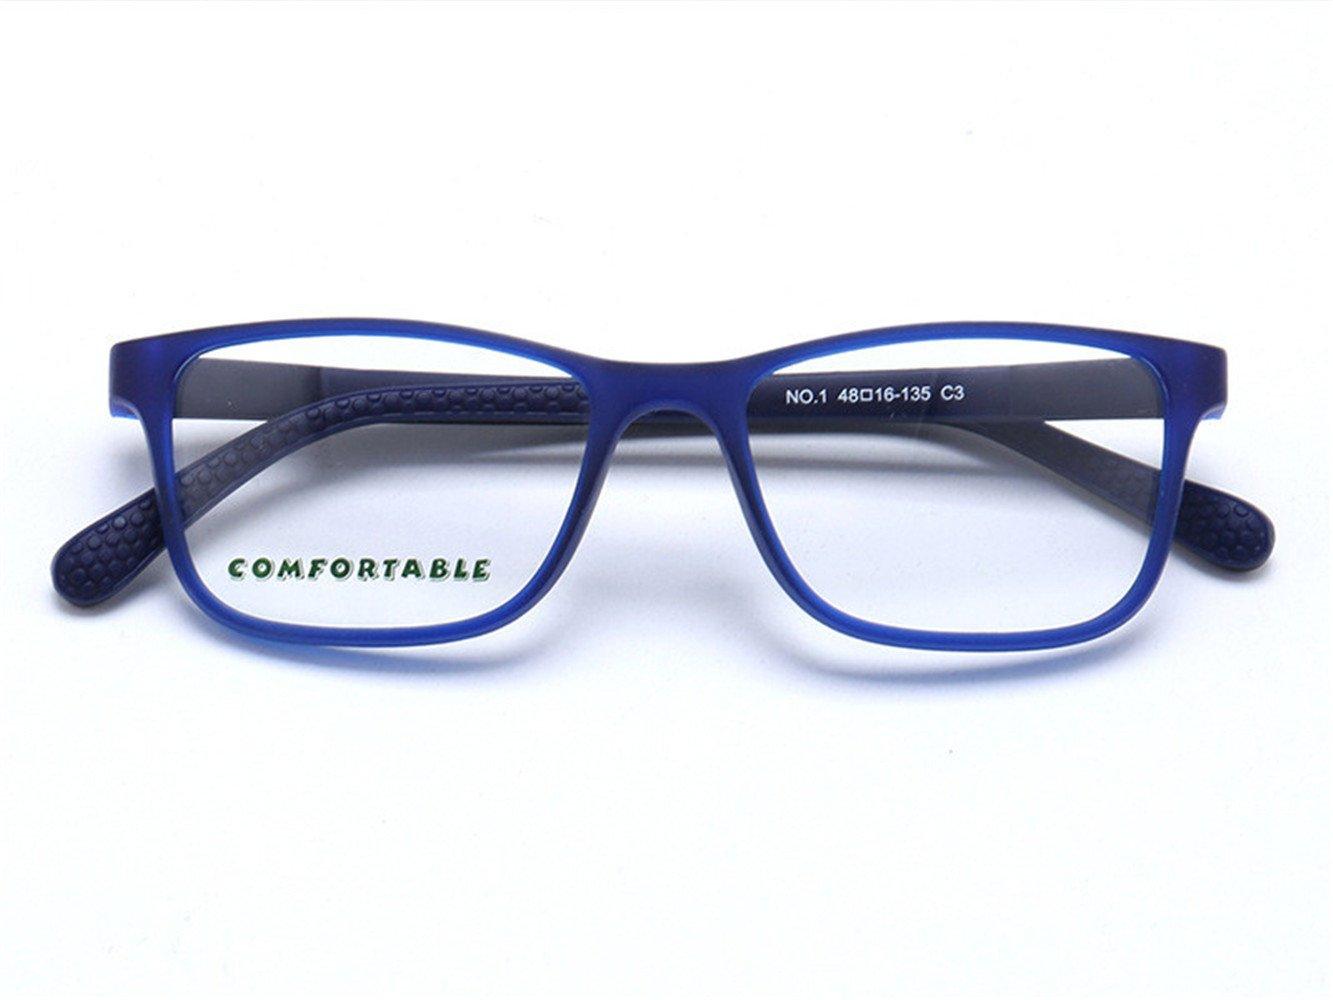 SMX Gafas Neutras para/Eliminan la Fatiga y la Irritación Visual/Gafas Anti LUZ Azul y UV para Pantalla/Filtro luz Azul de Descanso para pcGafas de BLU-Ray ...